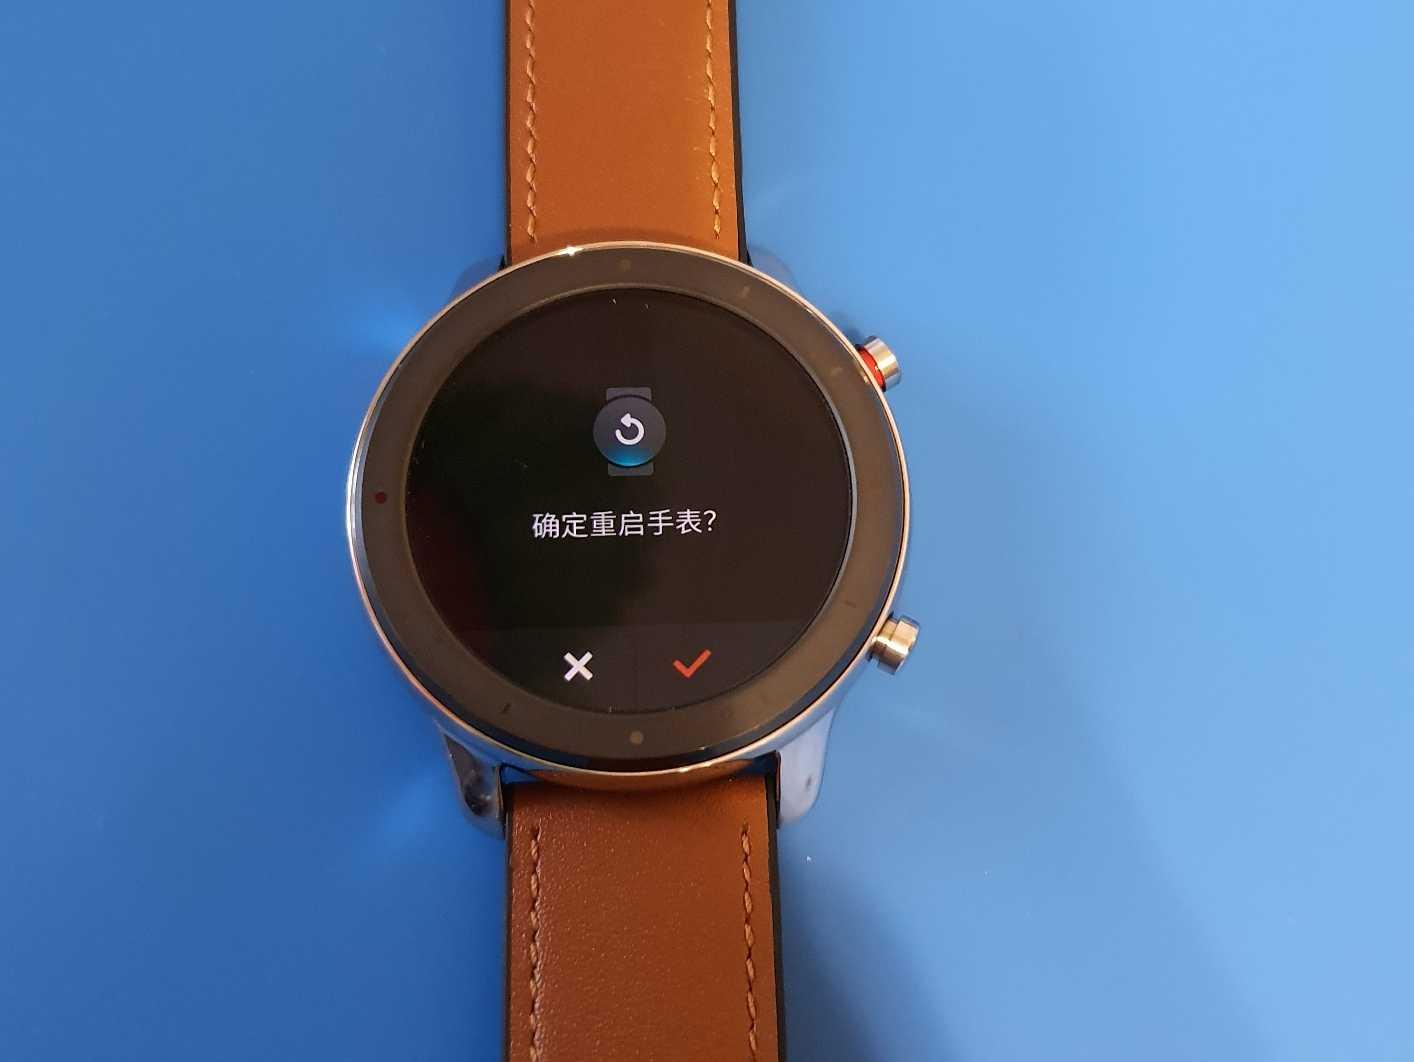 Обзор умных часов xiaomi watch color с функциями и режимами